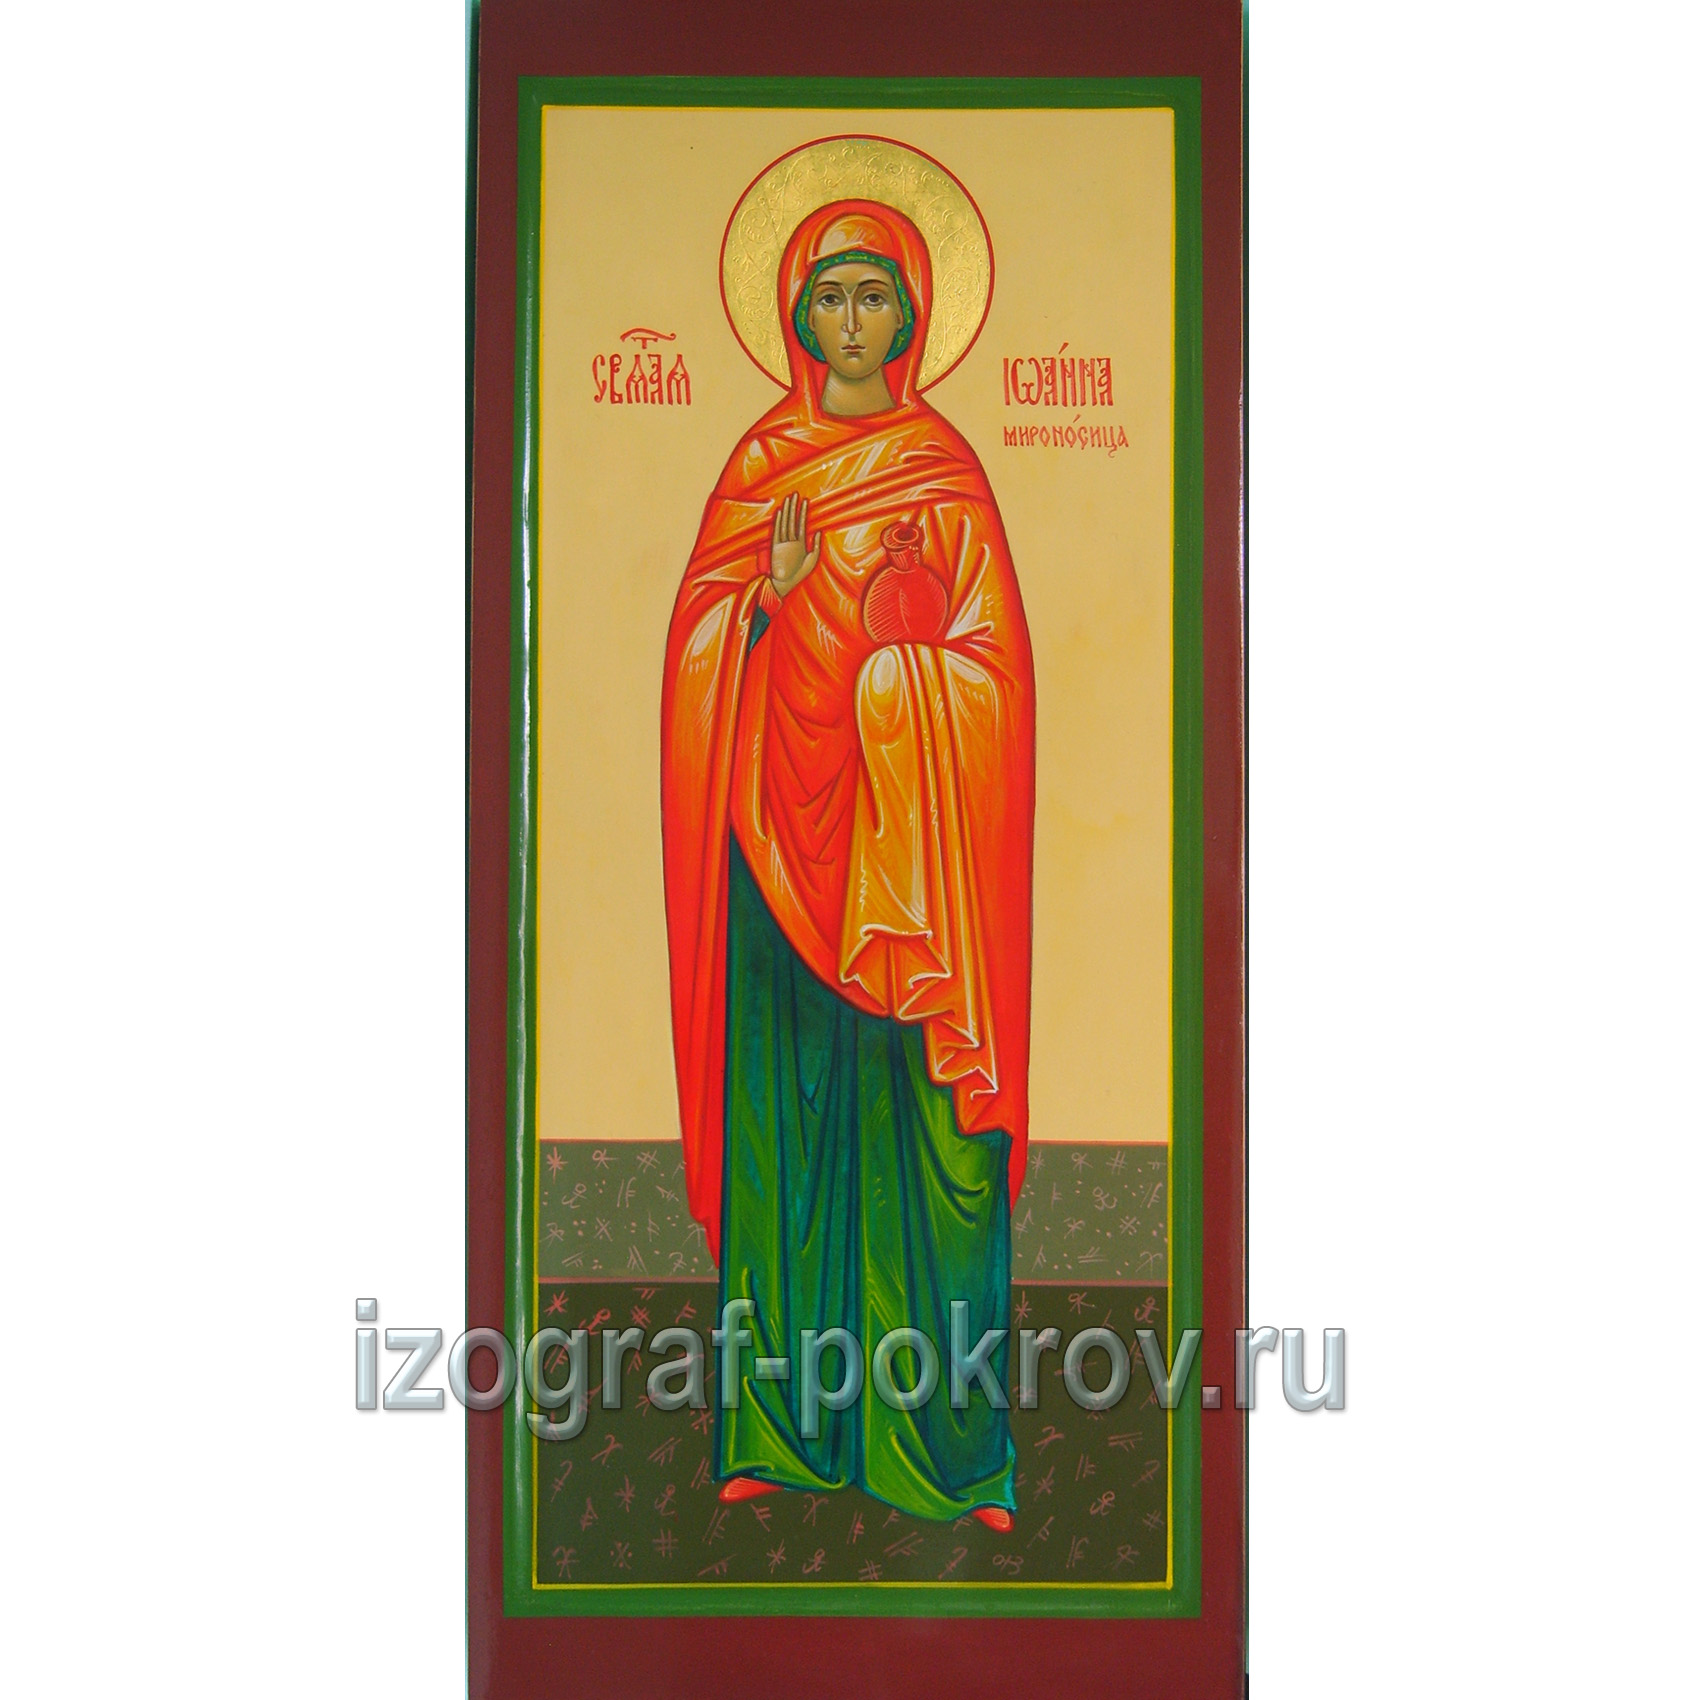 Мерная икона святая Иоанна Мироносица